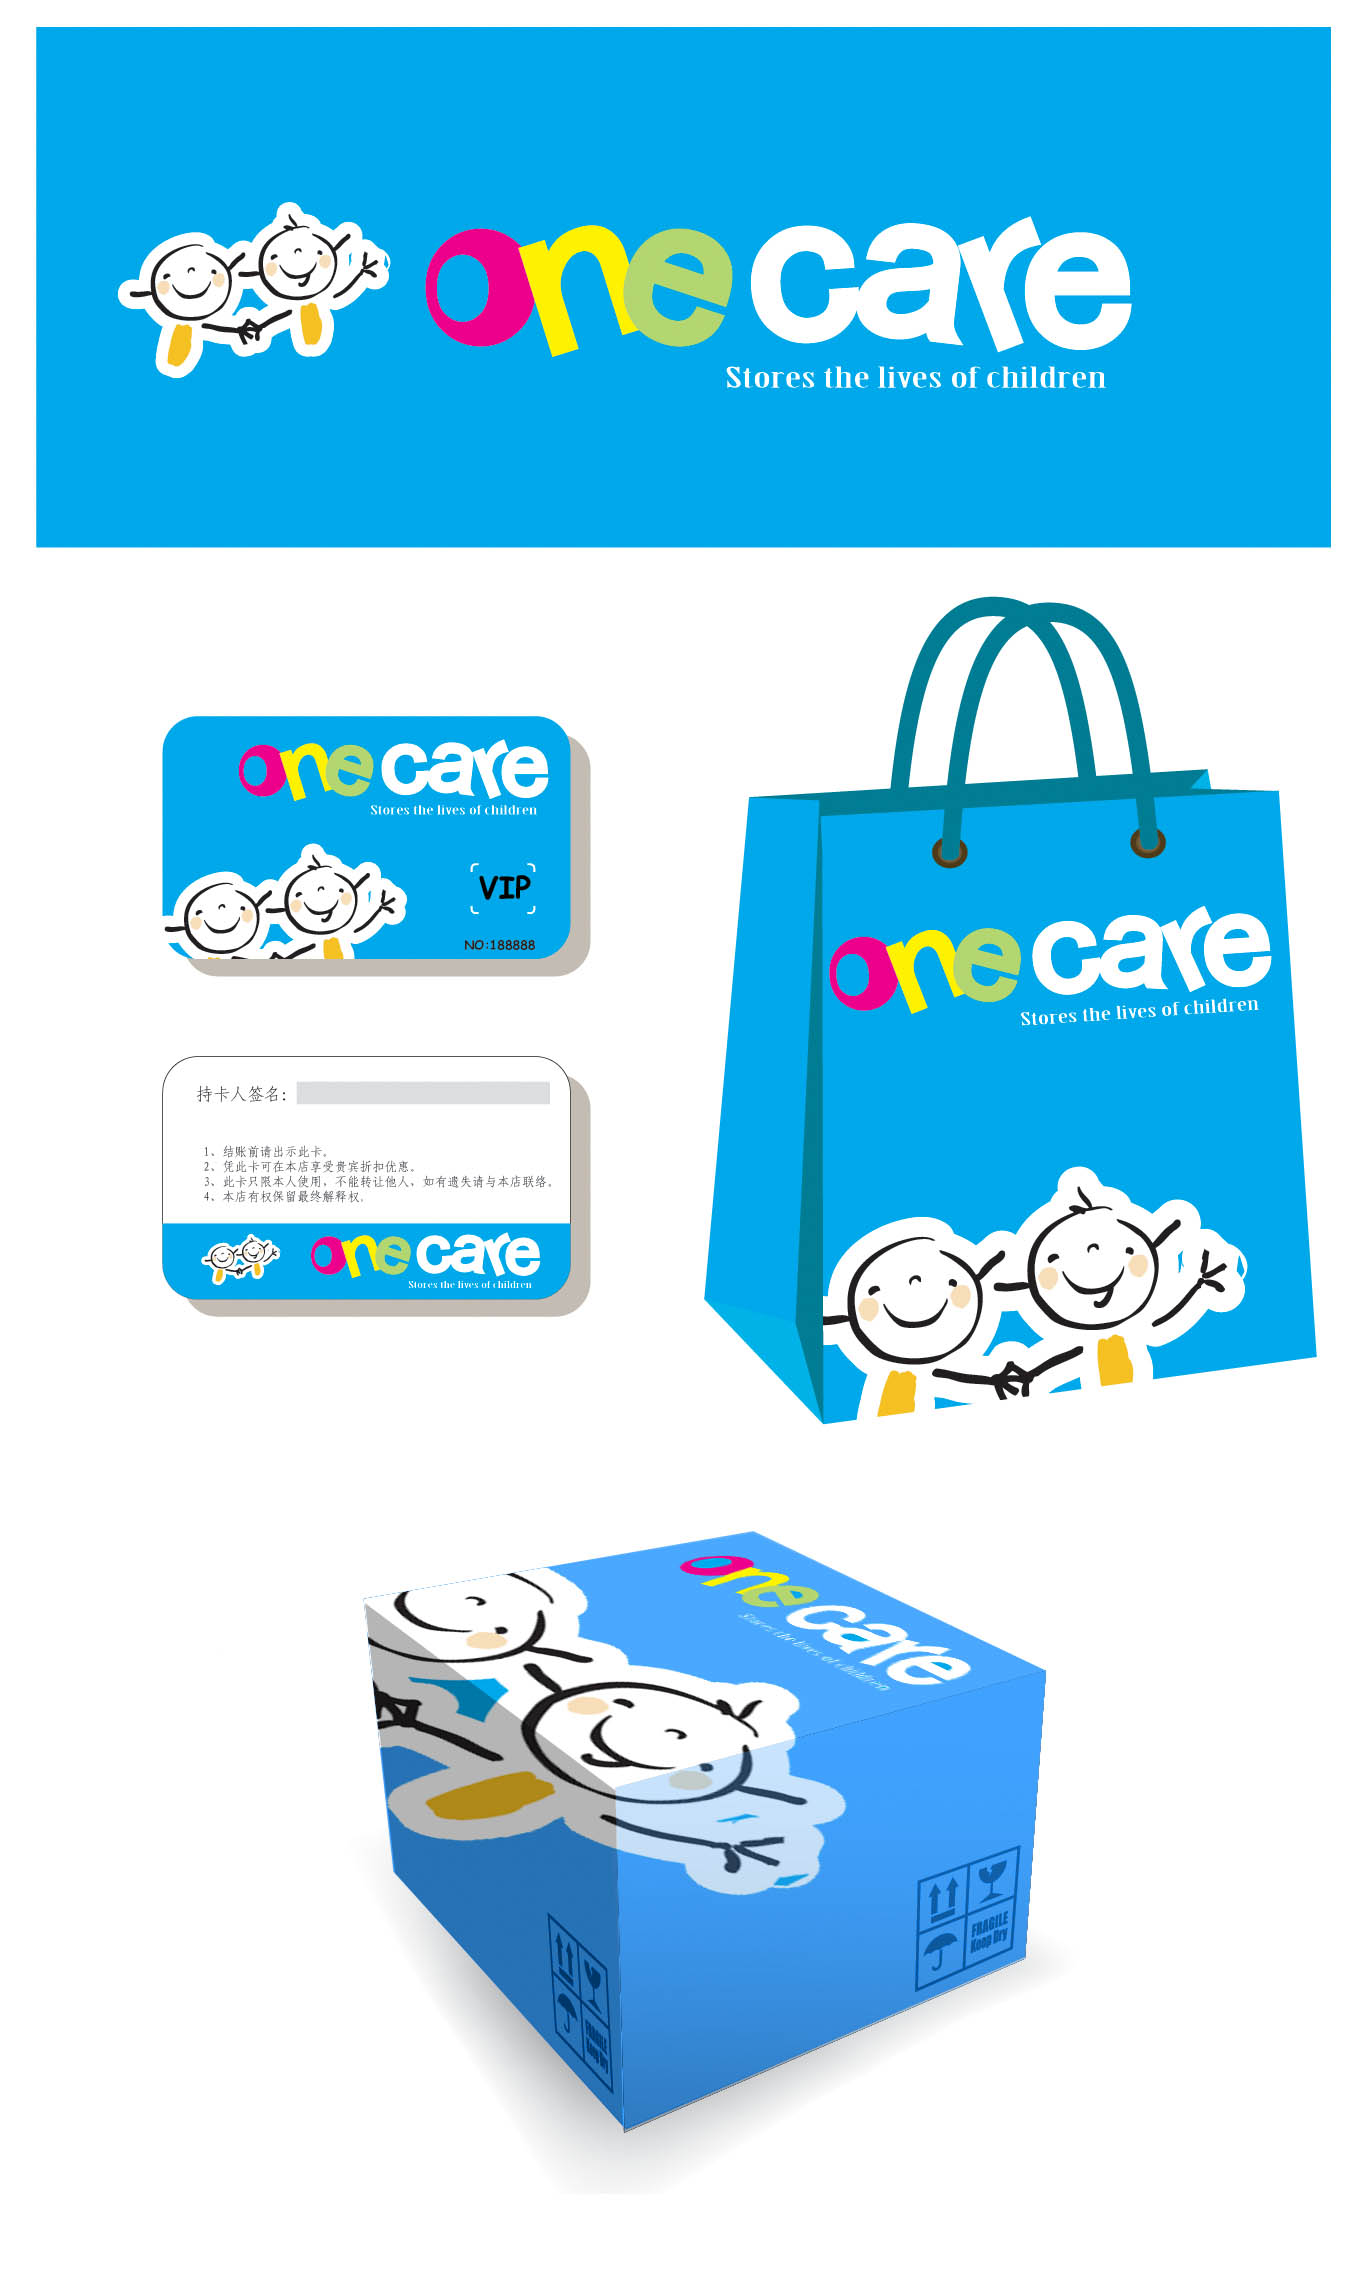 儿童用品商标设计,鞋盒 手袋 会员卡